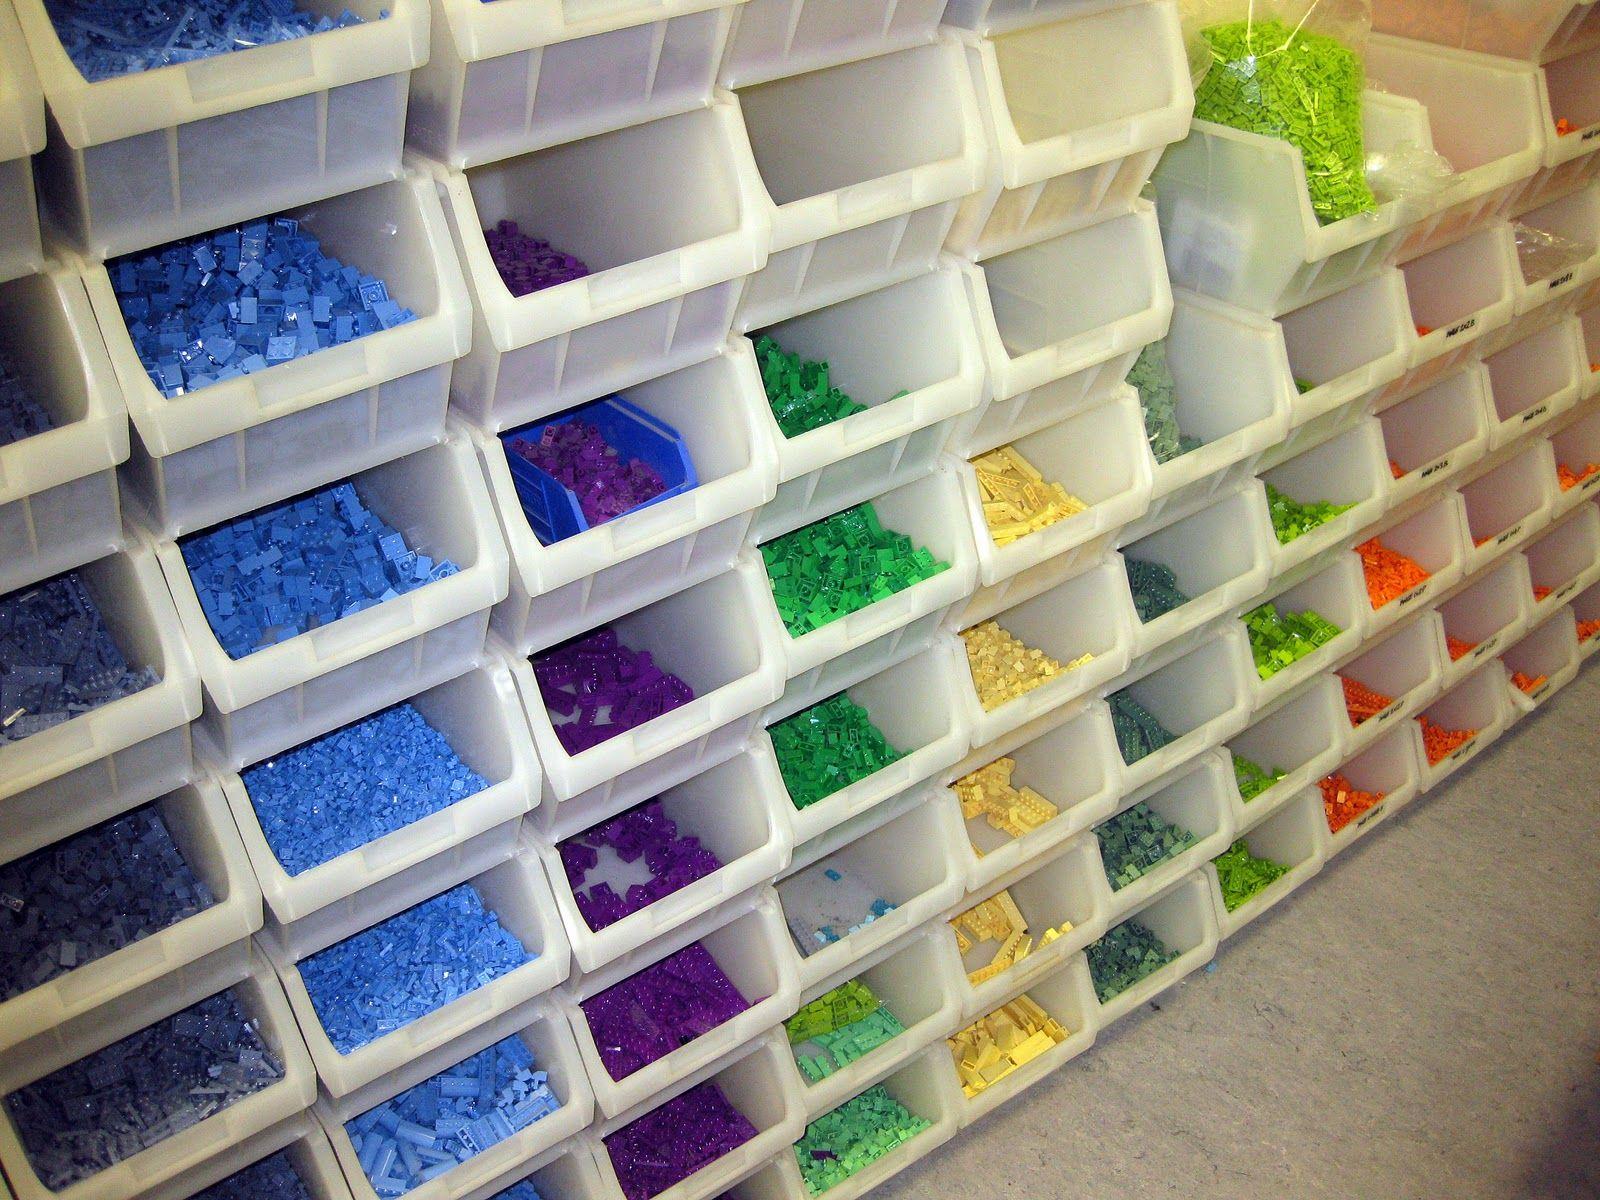 Superieur Nooshloves: Lego Storage